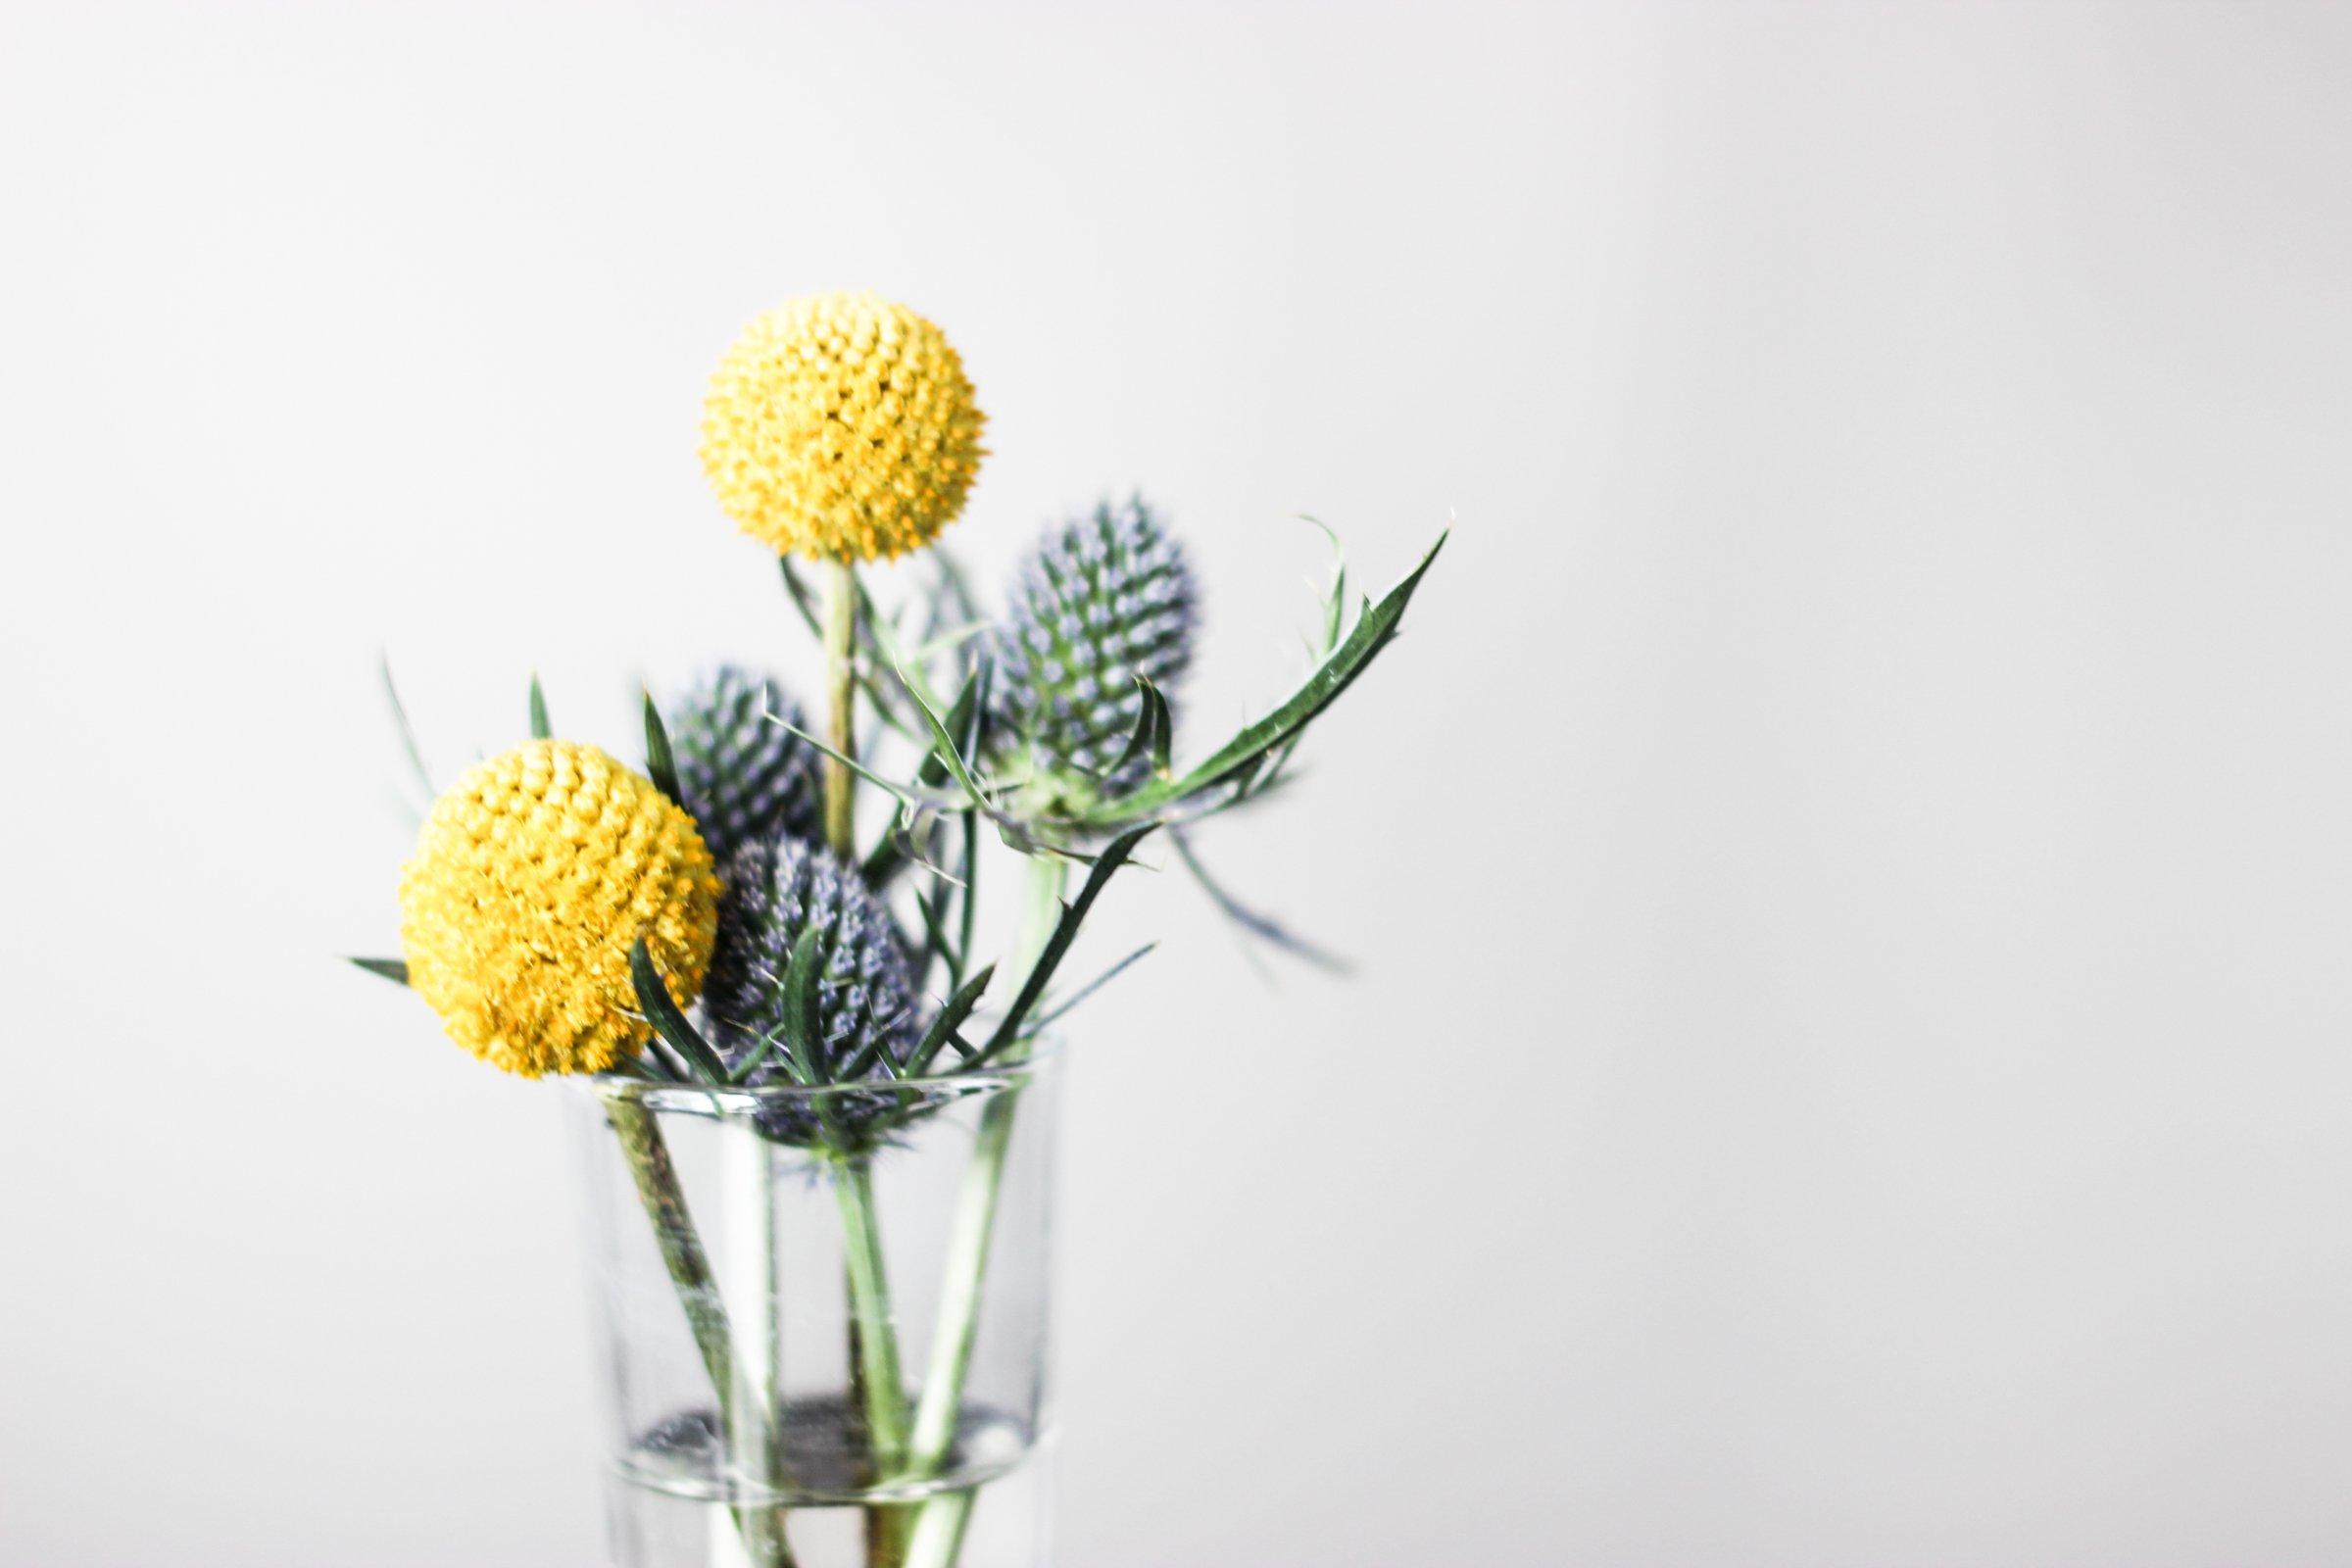 Exotic Flowers In Vase